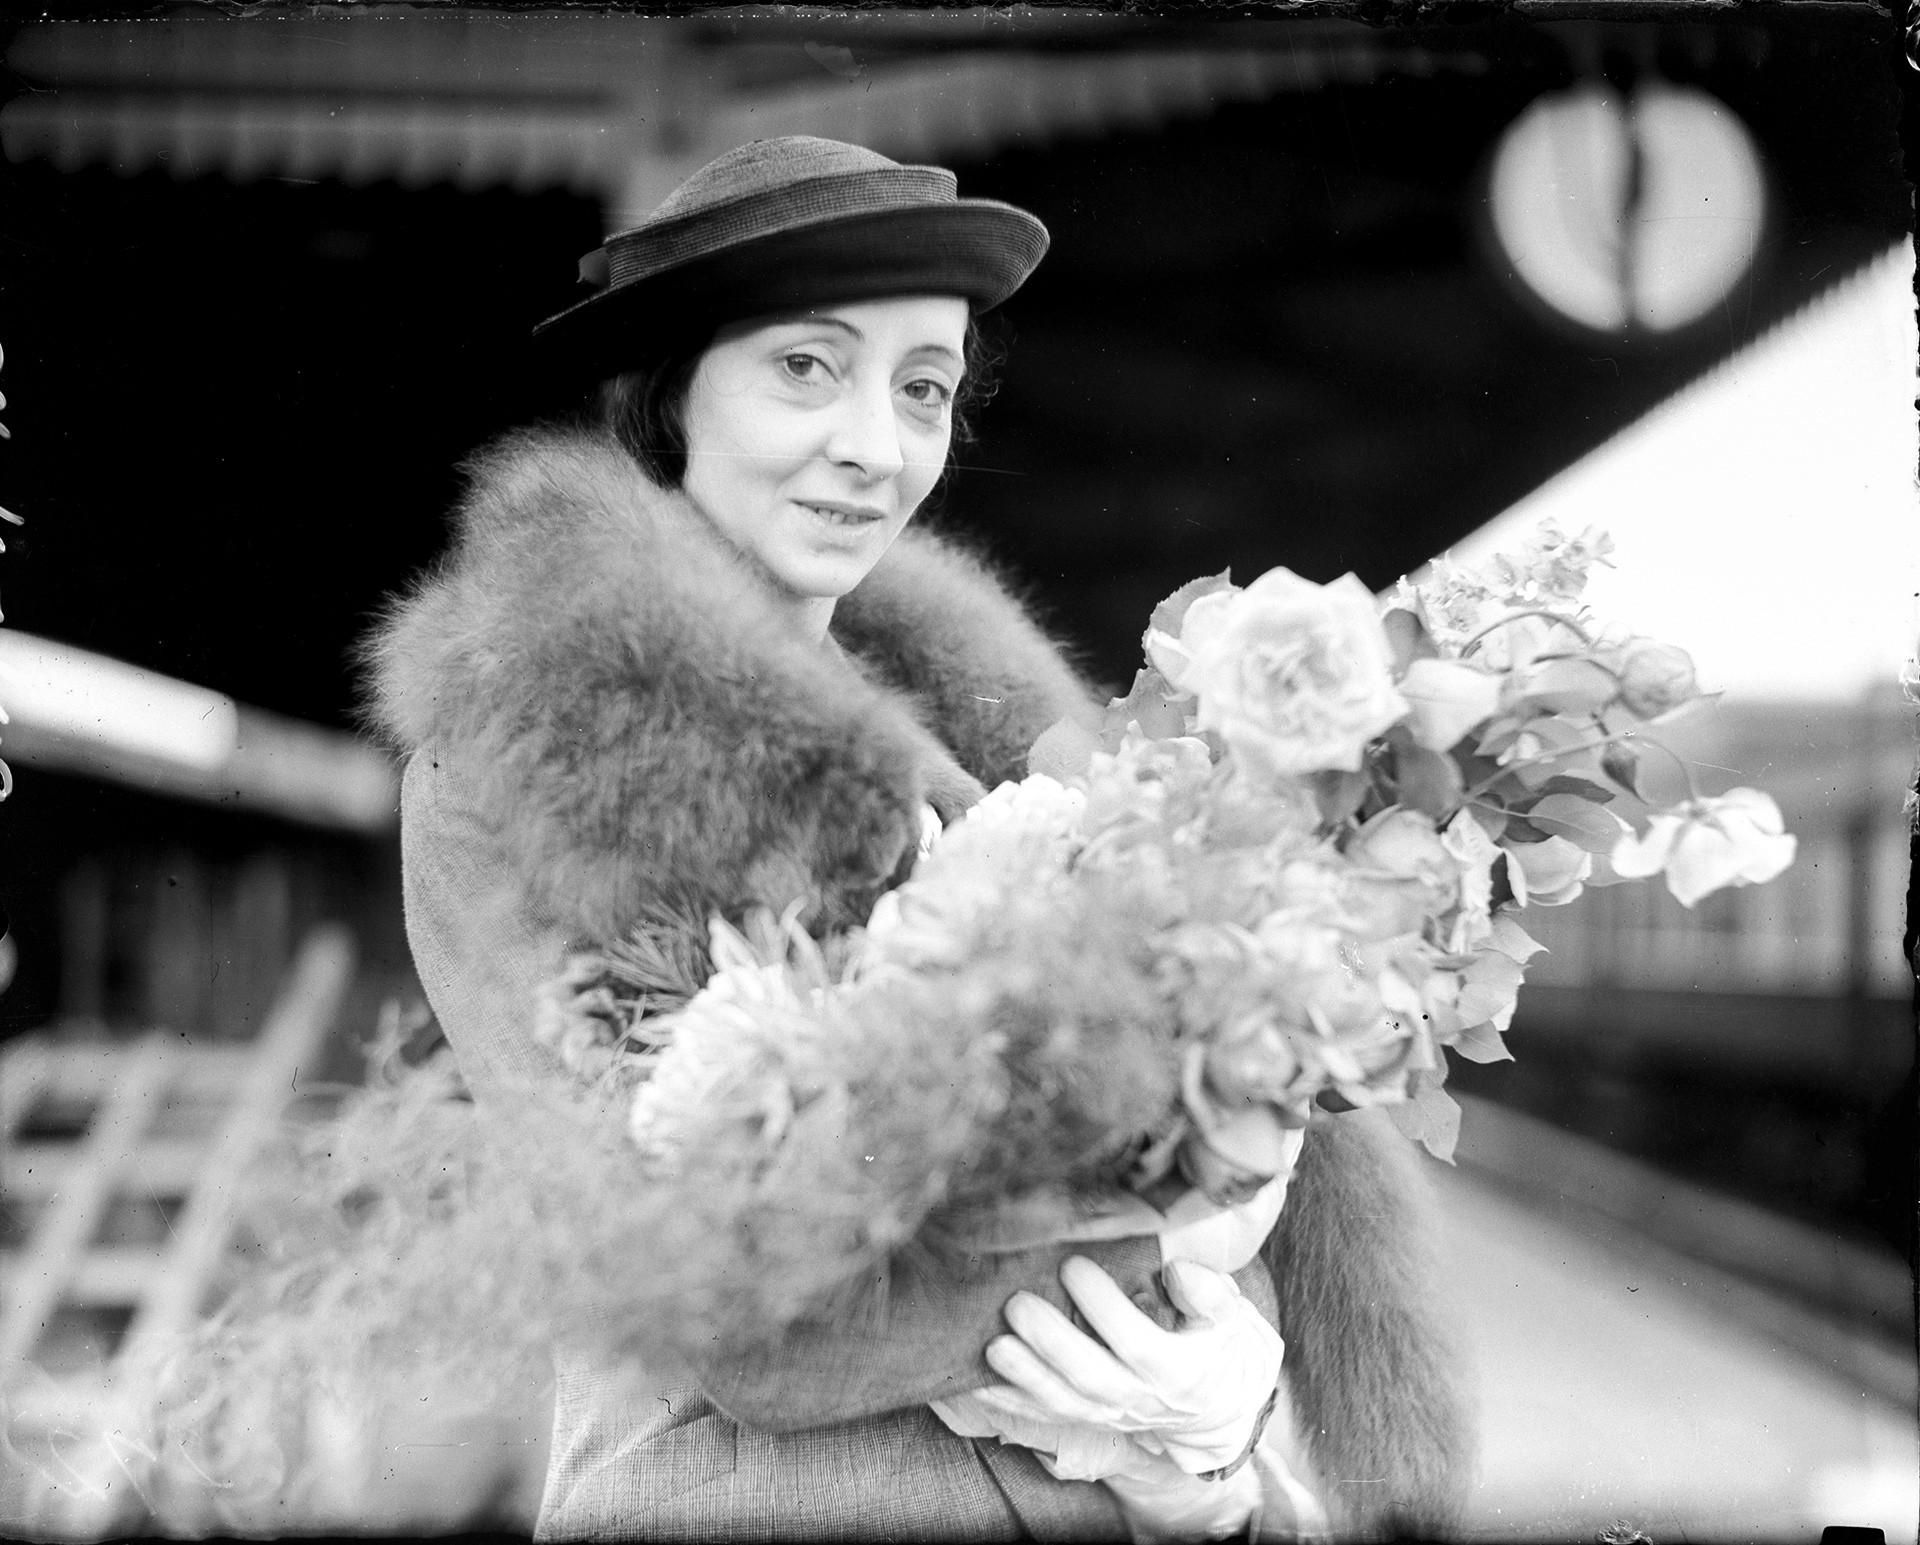 オリガ・スペシフツェワ、1934年